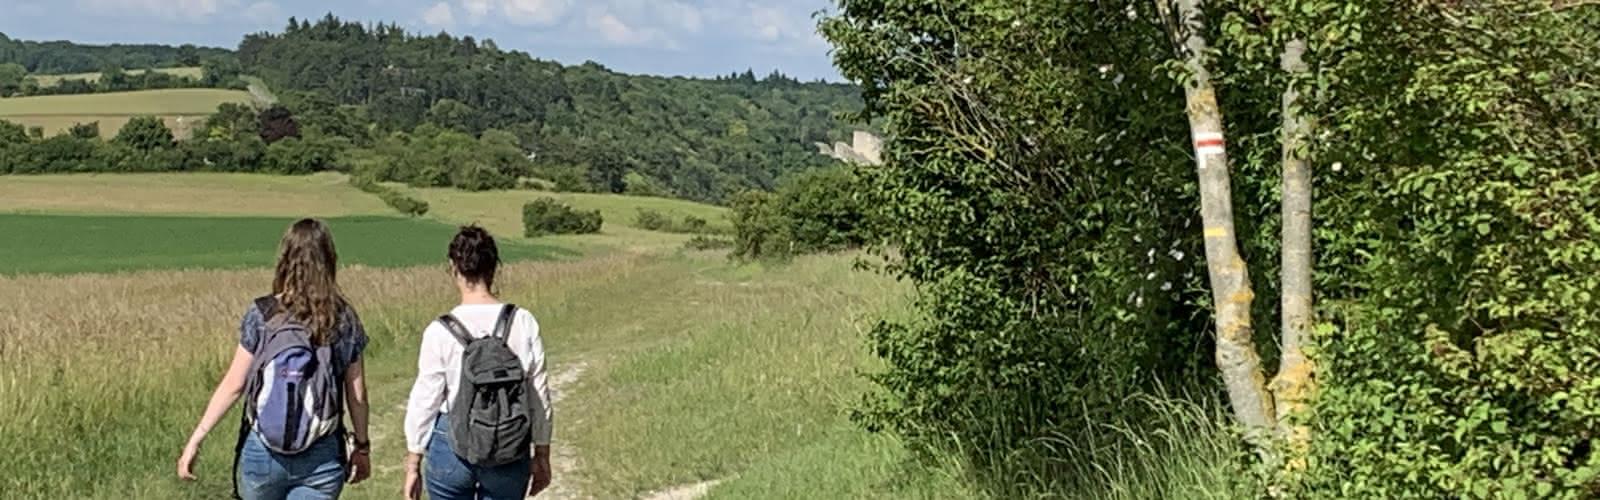 Sur le GR 2 à Gommecourt